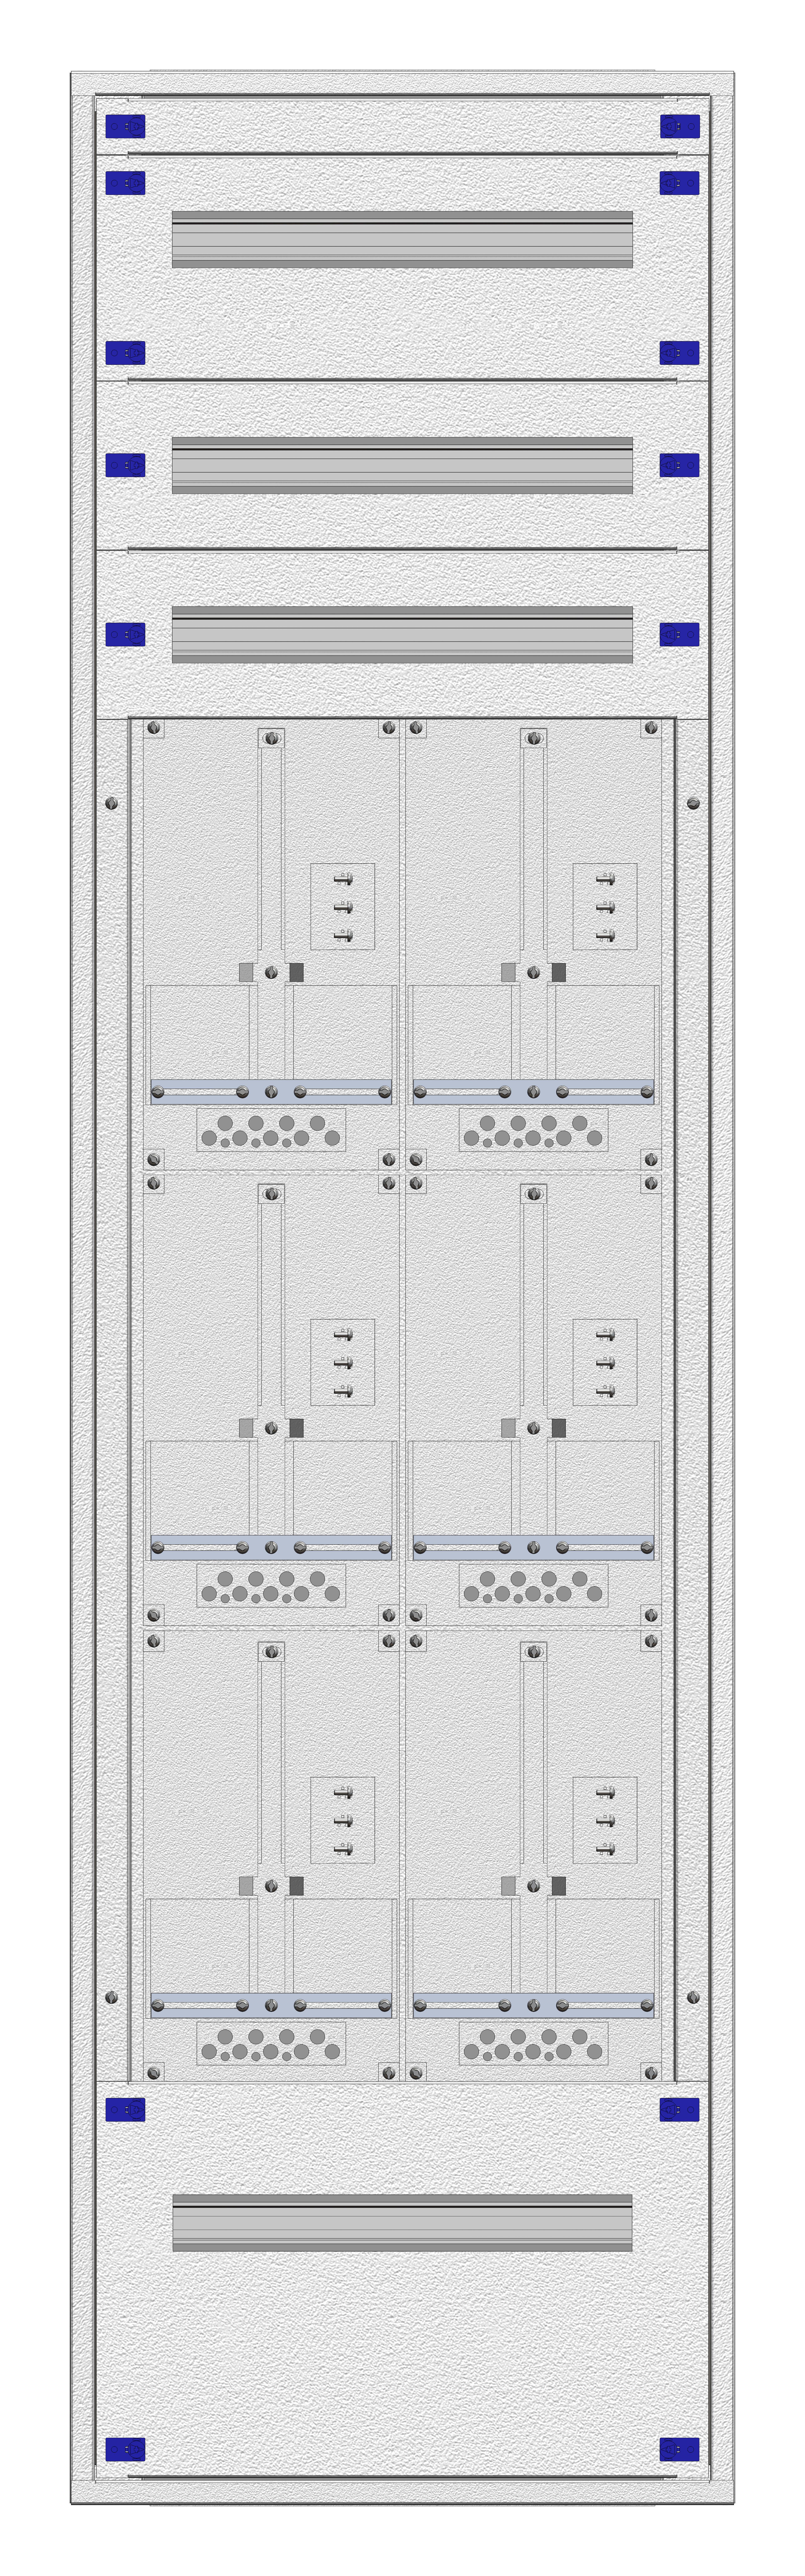 1 Stk Aufputz-Zählerverteiler 2A-42M/OOE 6ZP, H2025B590T250mm IL168242OS